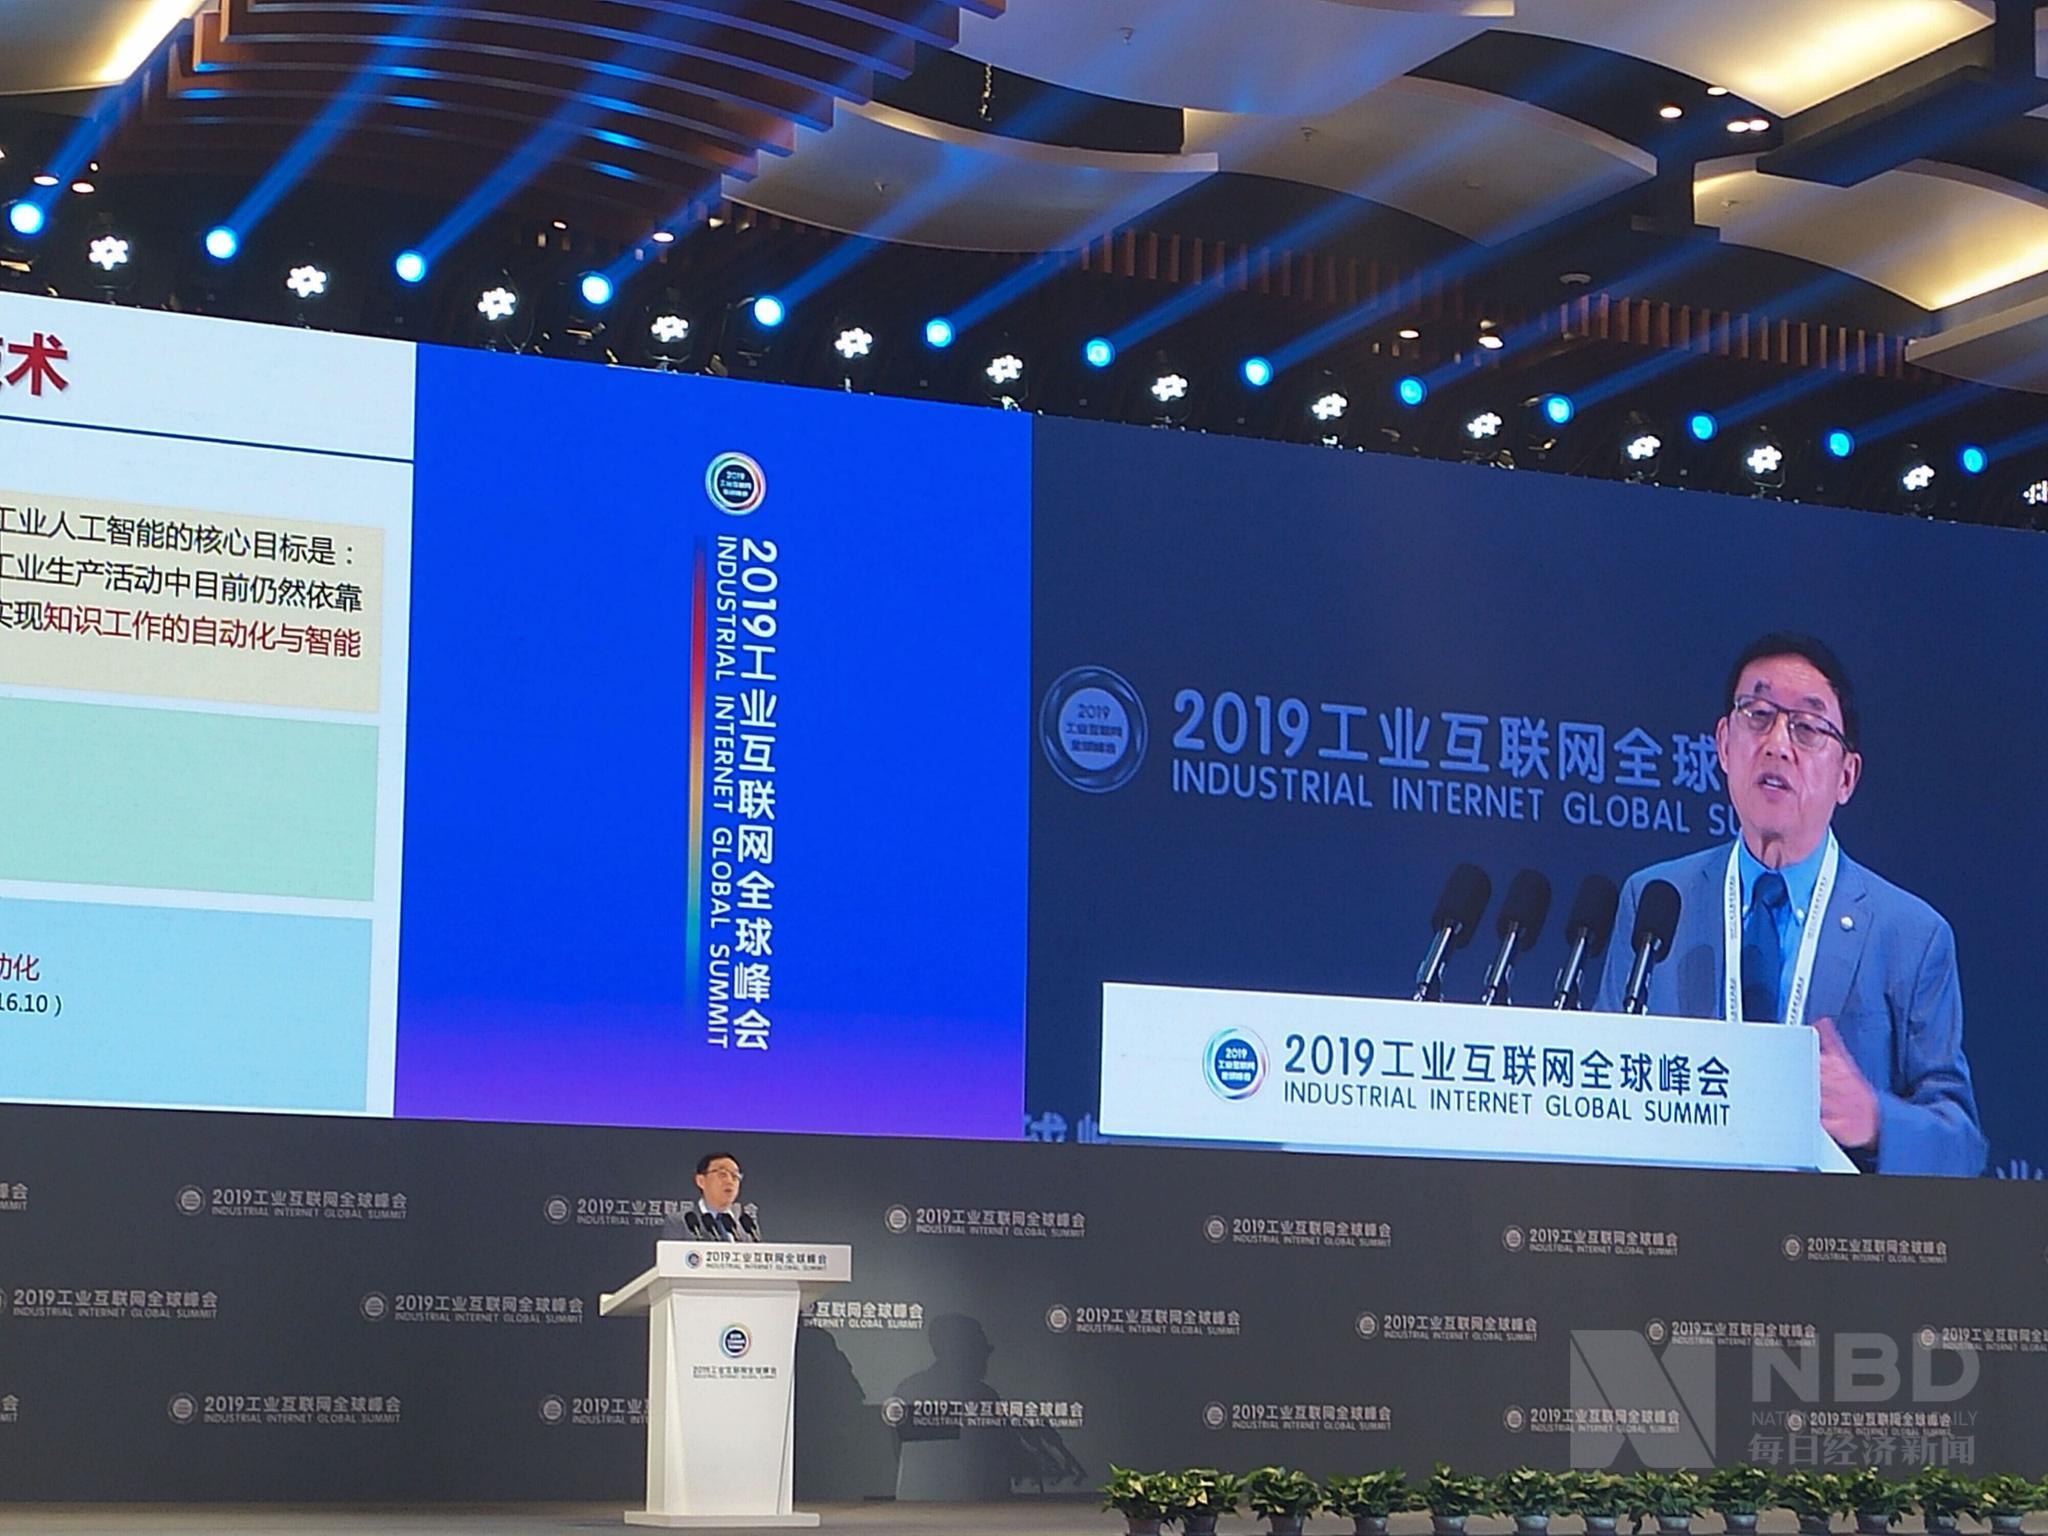 中国工程院院士柴天佑:工业互联网缺乏与人工智能深度融合